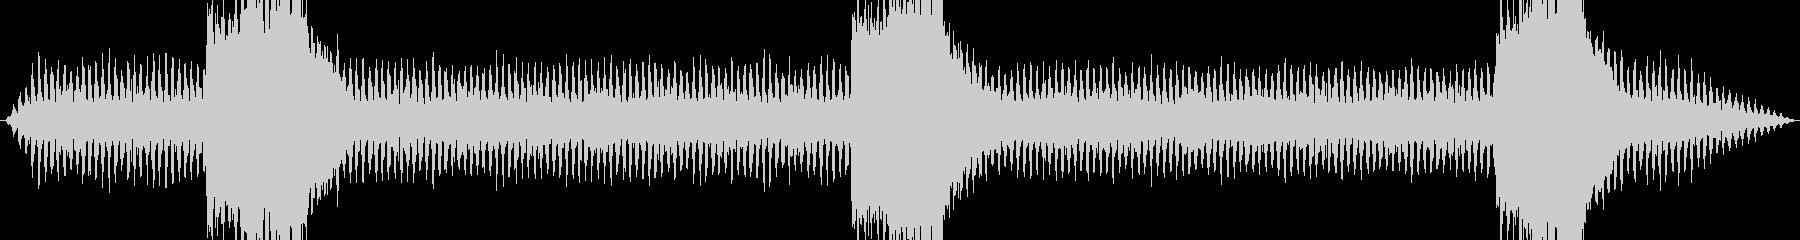 鉄道サウンド 蒸気機関車 走行音 汽笛の未再生の波形